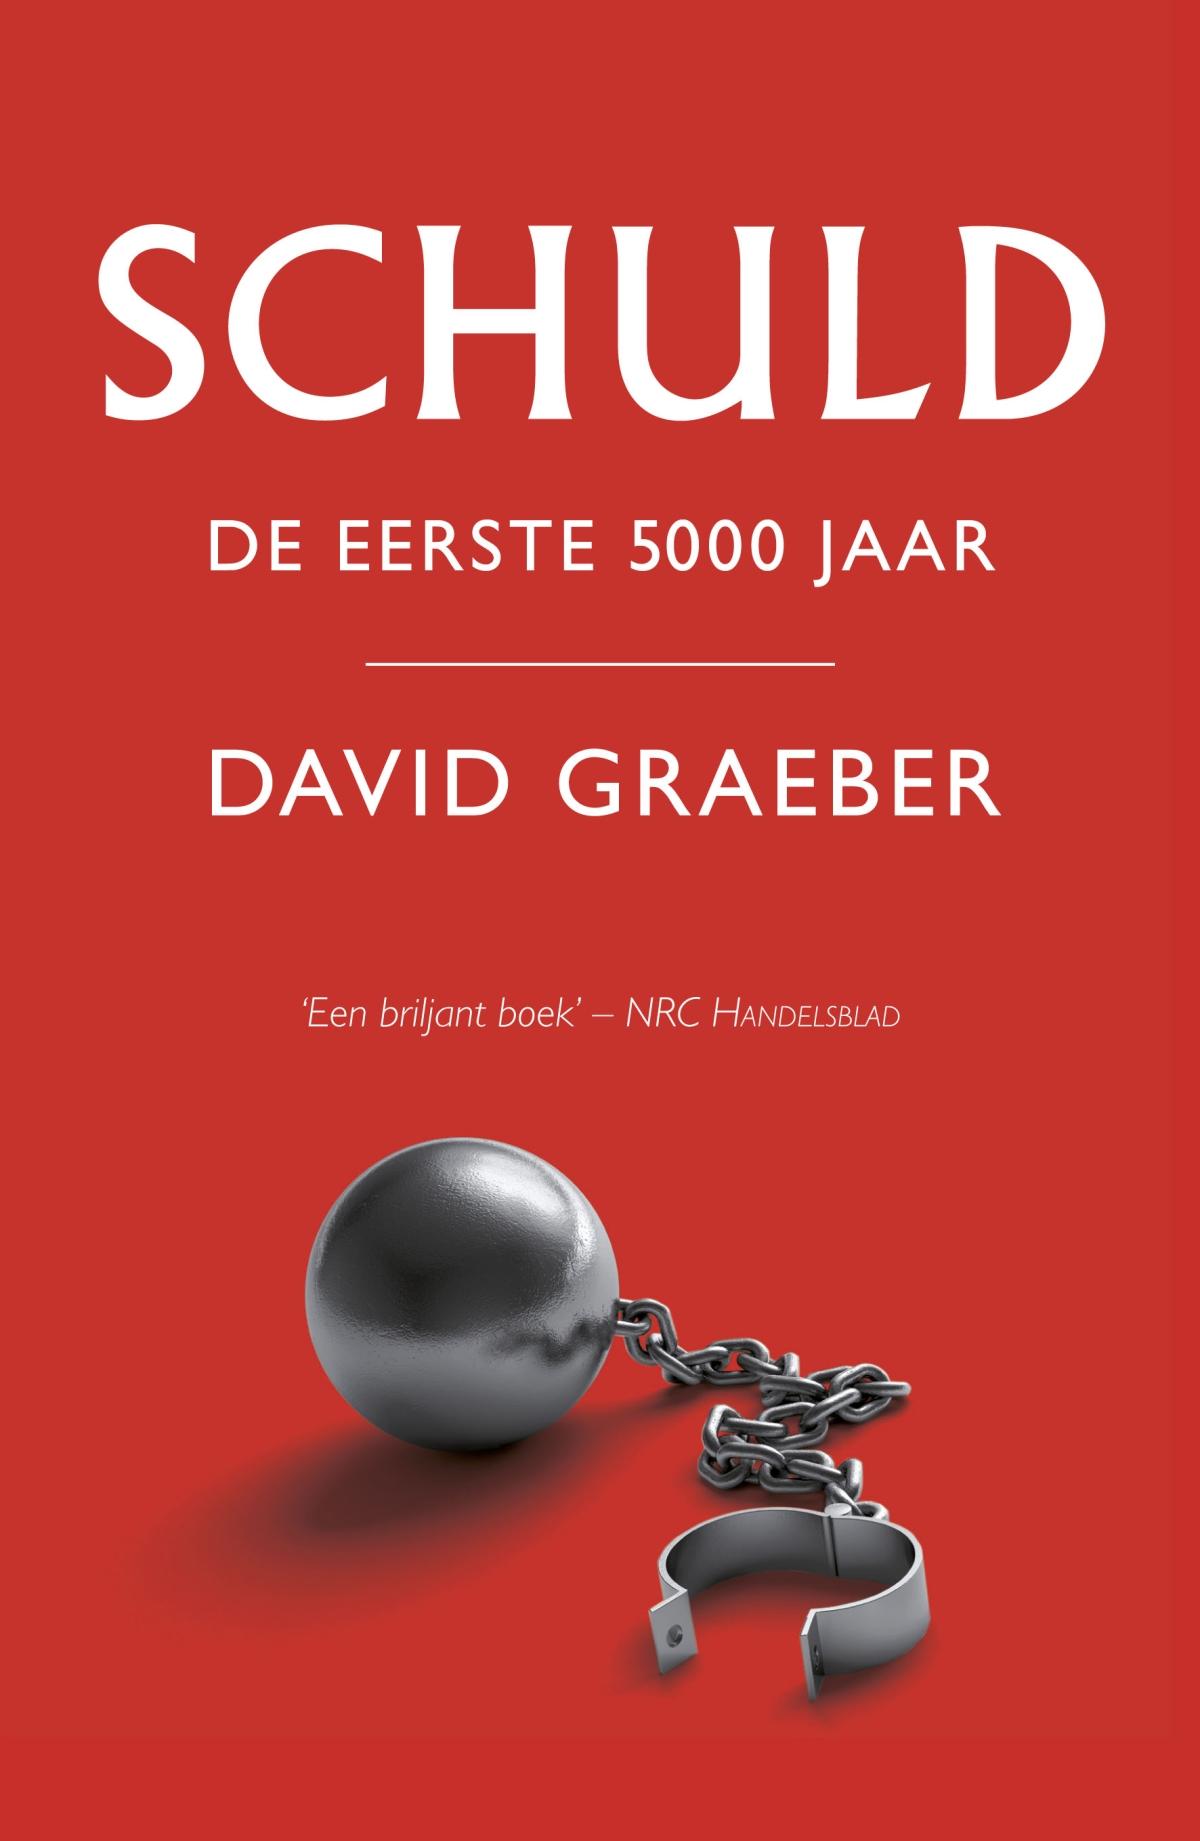 Schuld - David Graeber